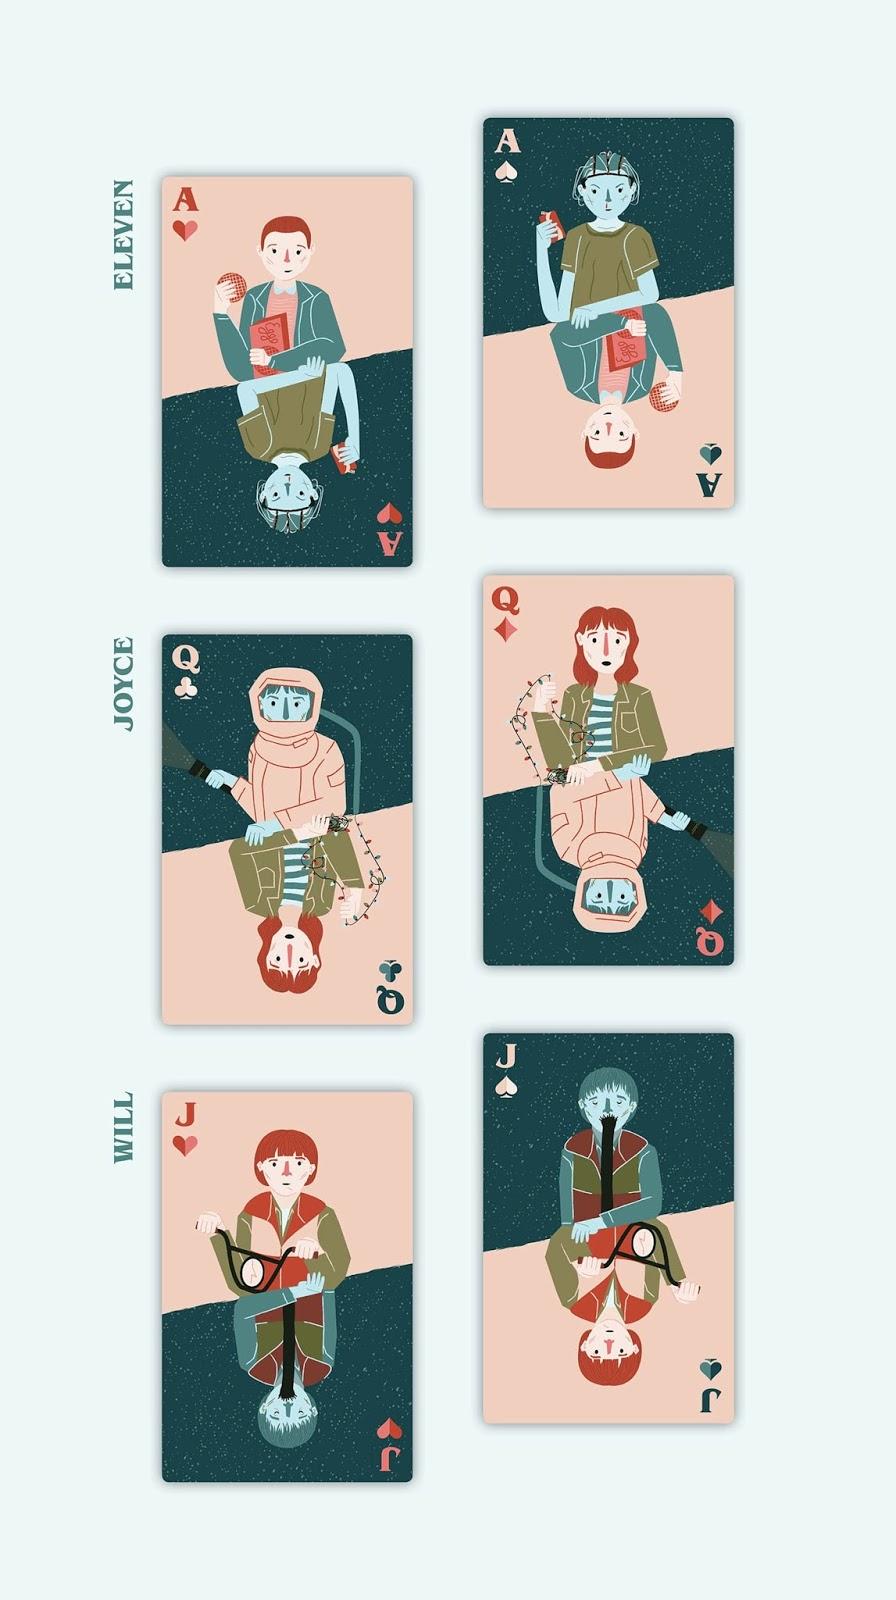 cartas-de-poker-inspiradas-en-stranger-things